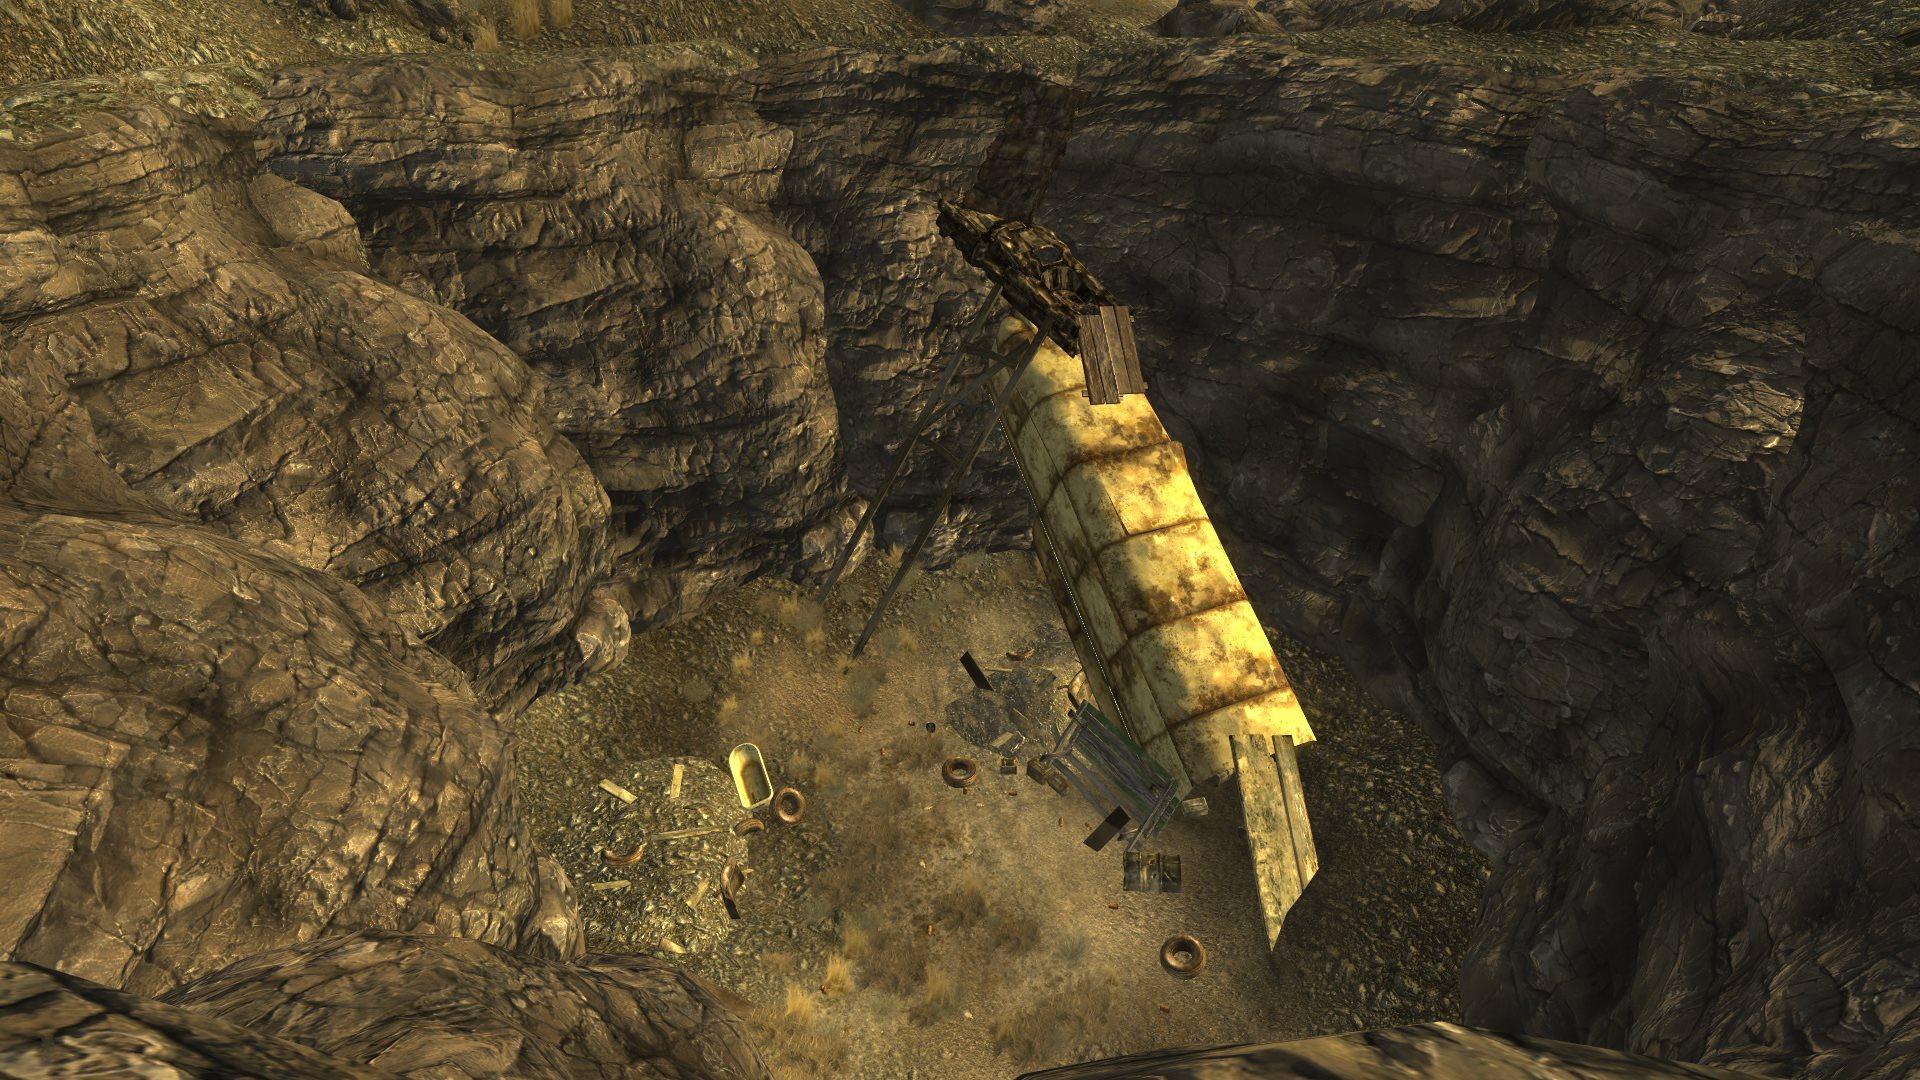 Разработчики Fallout 4: New Vegas продолжают работу над игрой, и на этот раз они предоставили два скрина для сравнения: